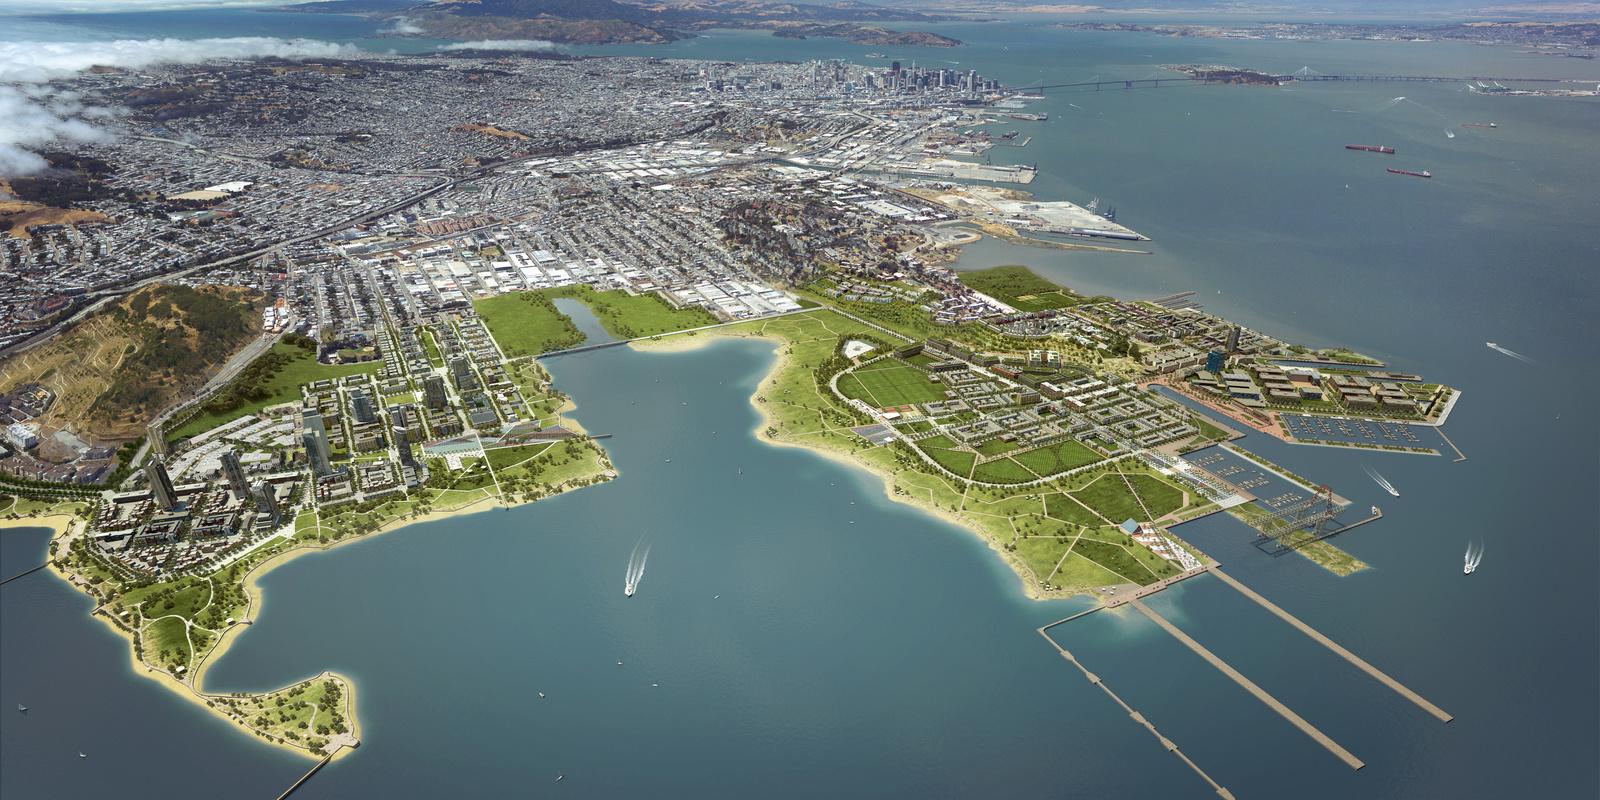 San Francisco Shipyard: smarte Technik von Bosch für neue Stadtteile